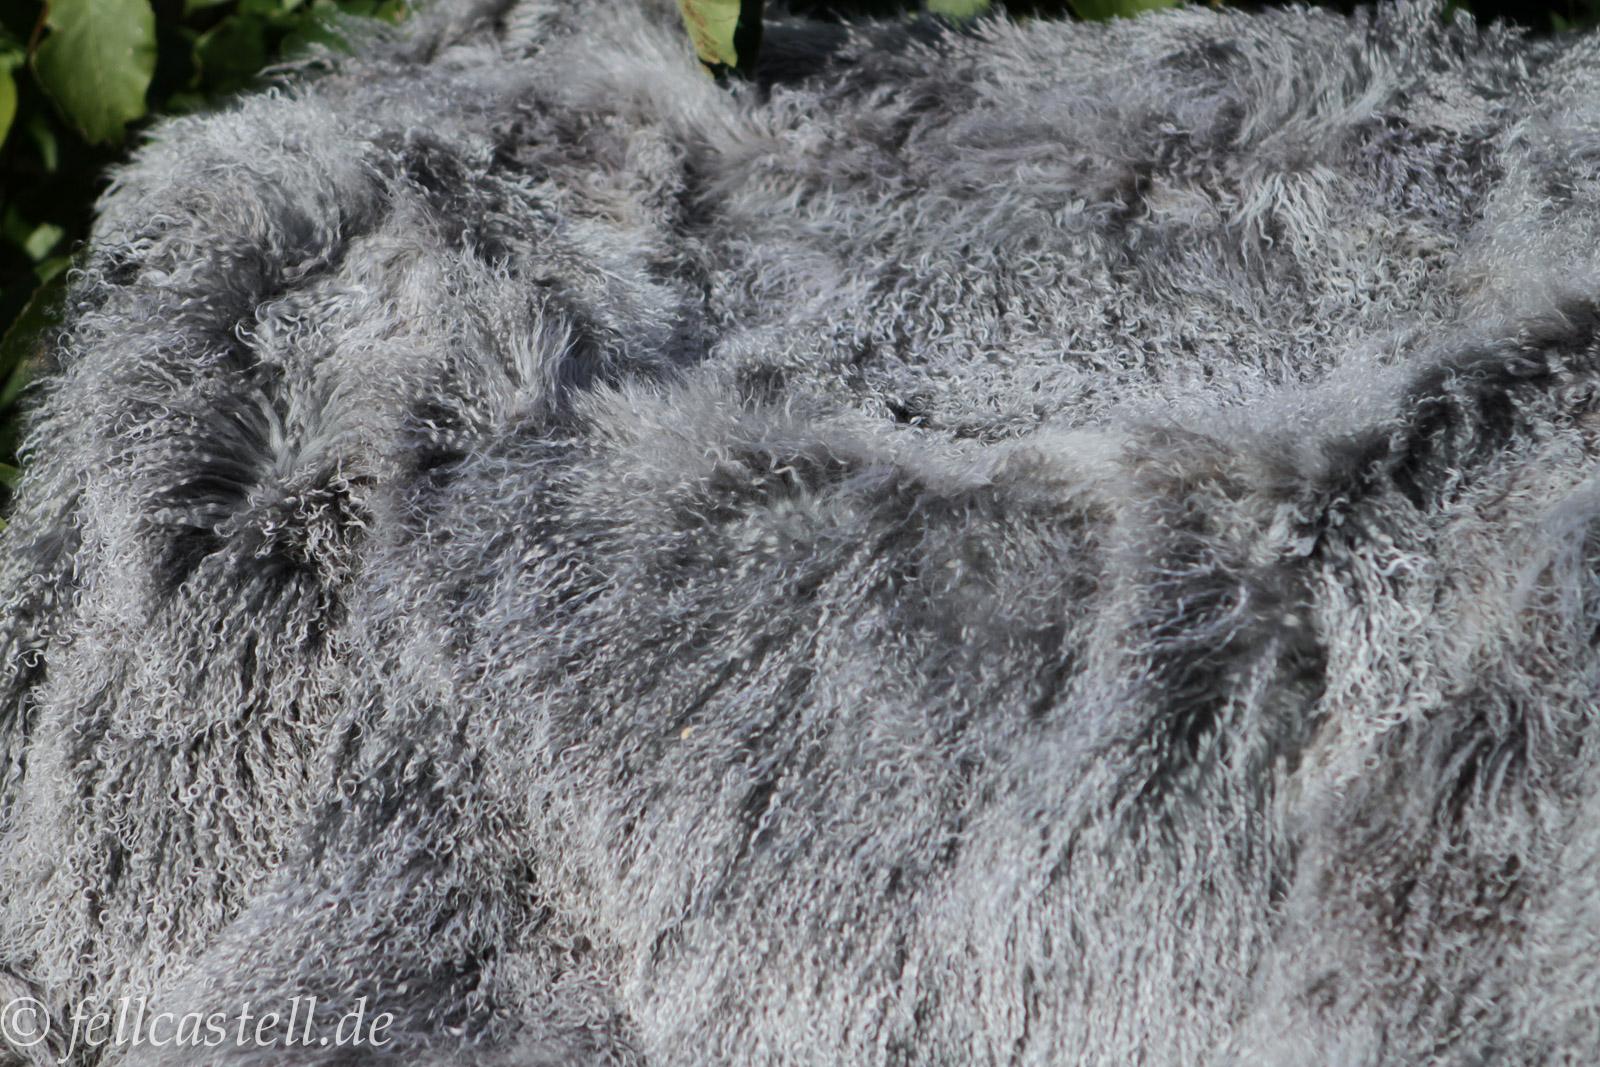 Lammfelldecke Tibet Lammfell 220 x 200 cm silbergrau abgefüttert